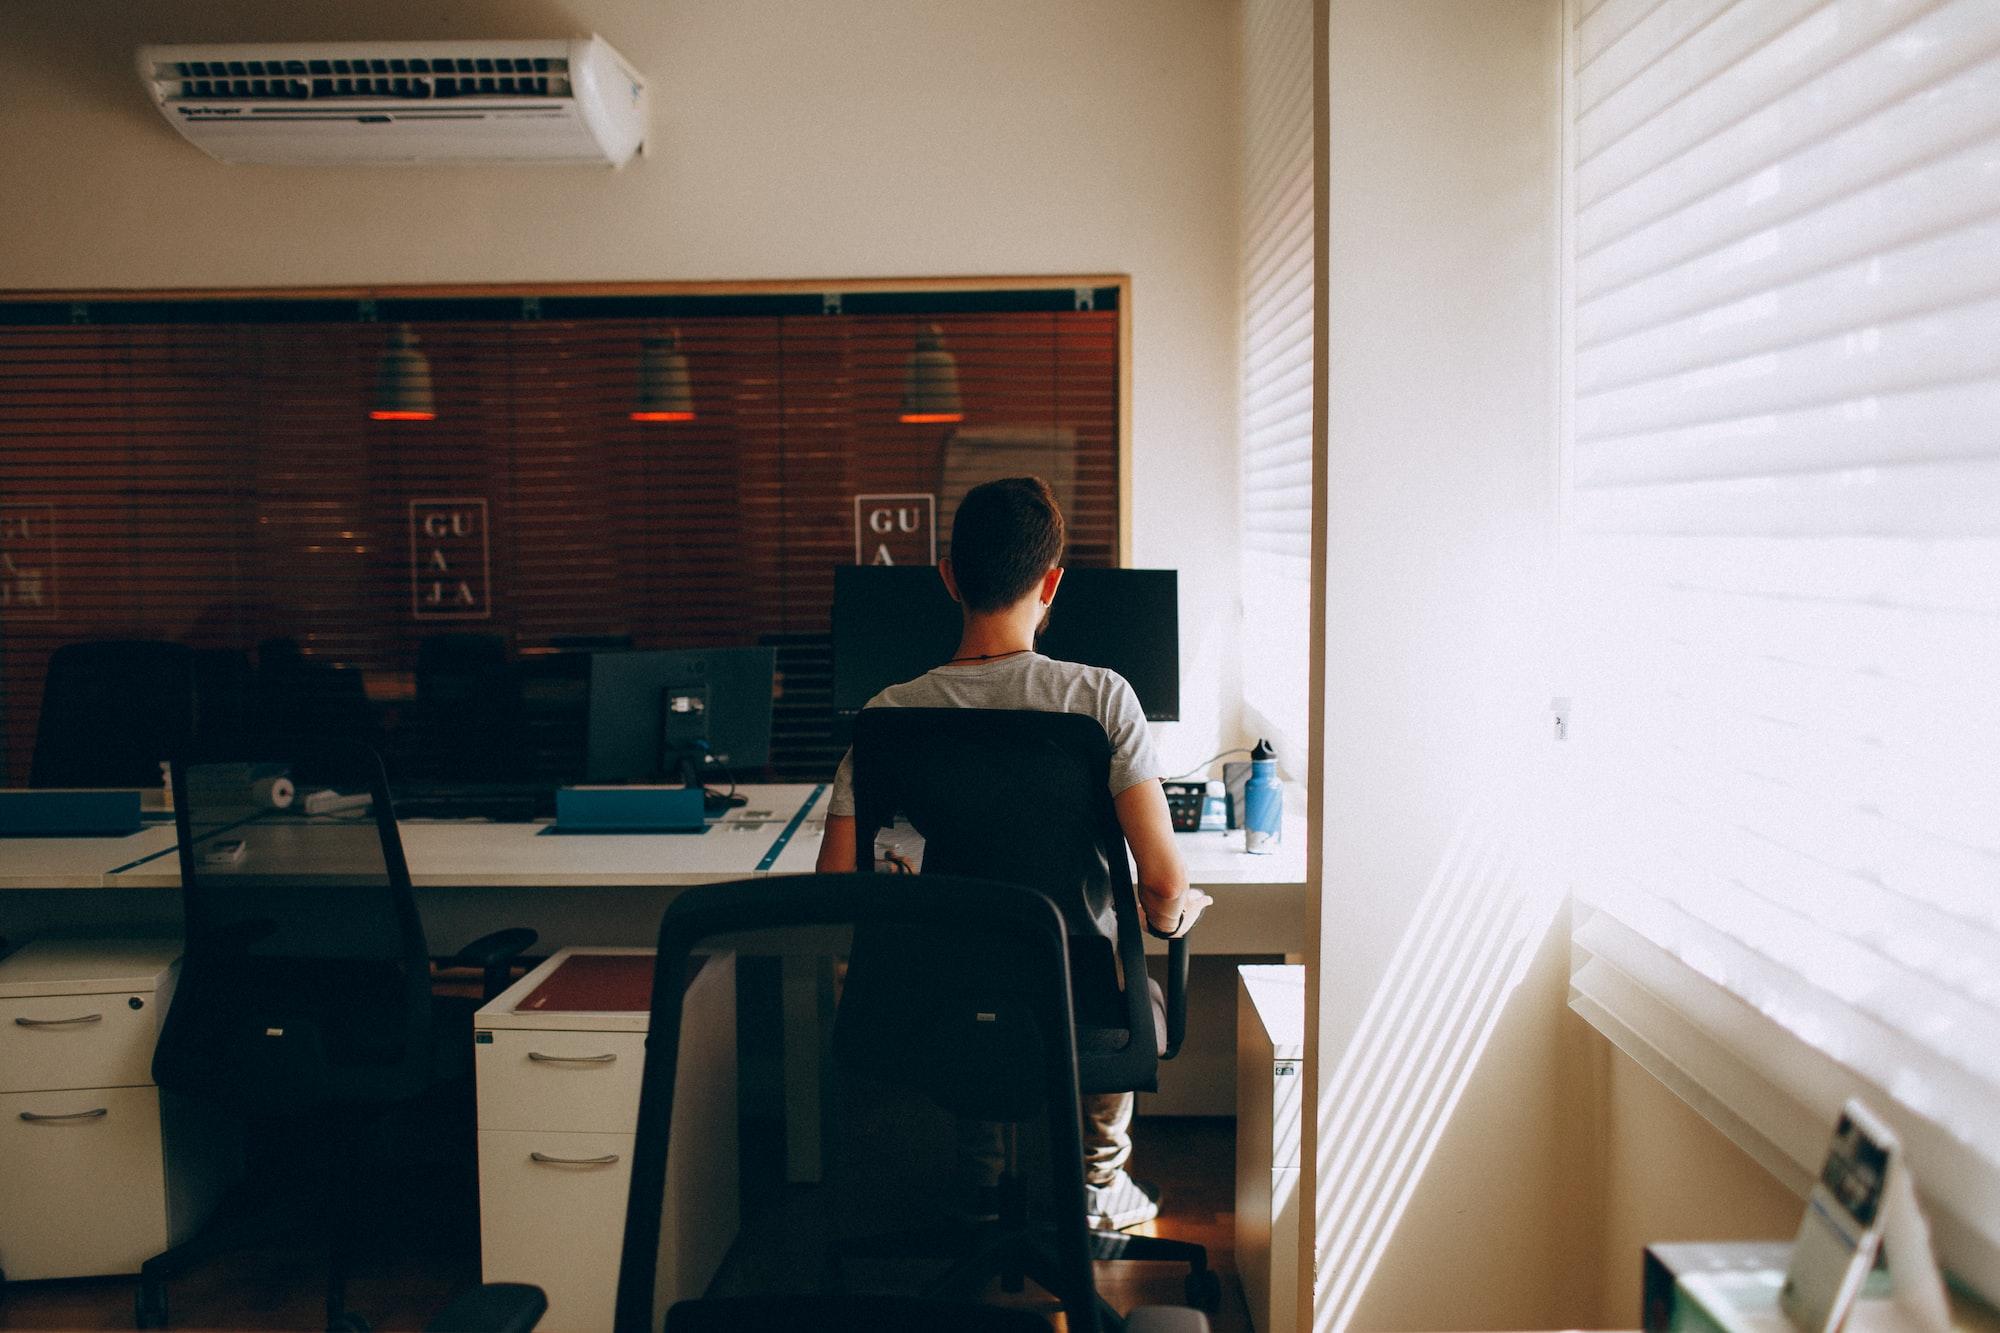 11 minuters rörelse om dagen kan motverka effekterna av att sitta stilla